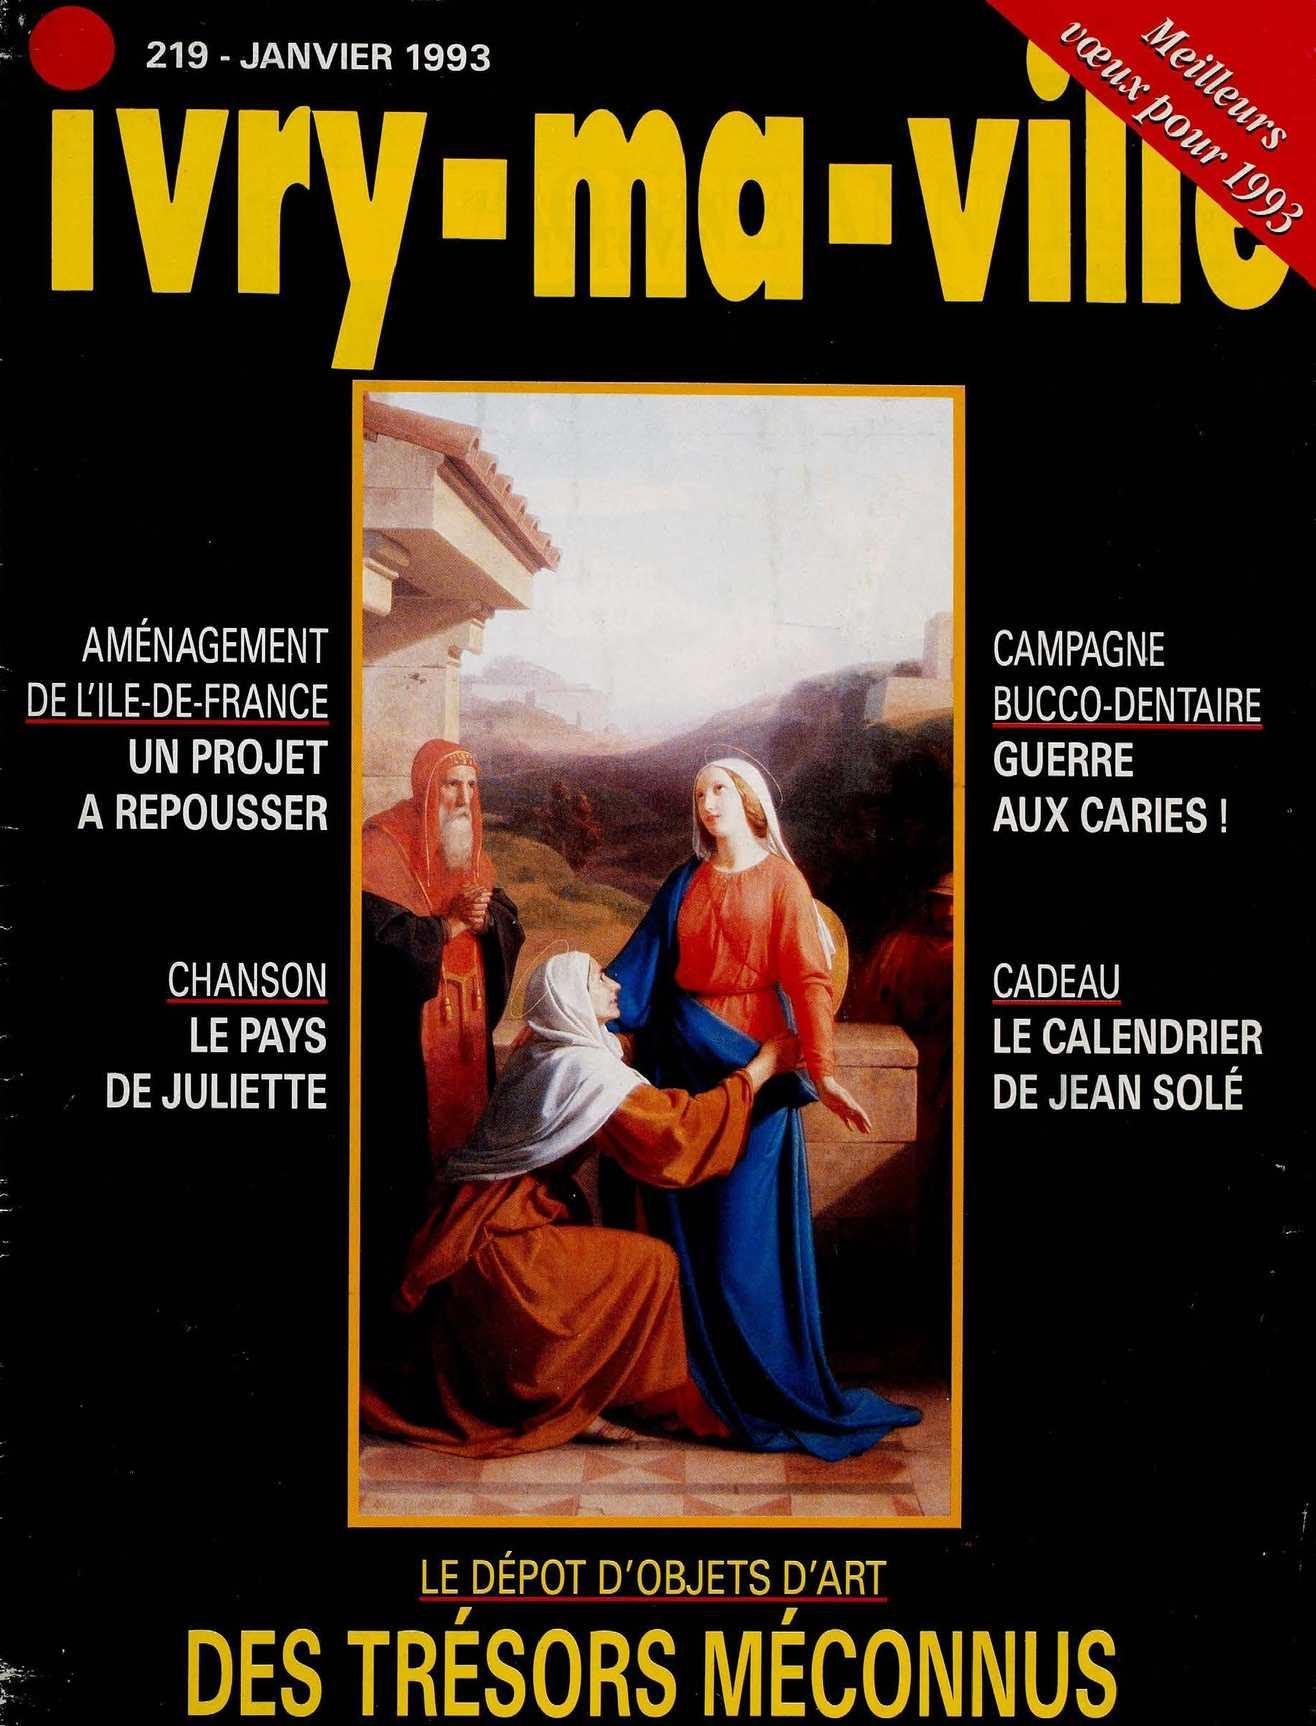 les sites de rencontres pour les vieux bisexuels sainte-geneviève-des-bois